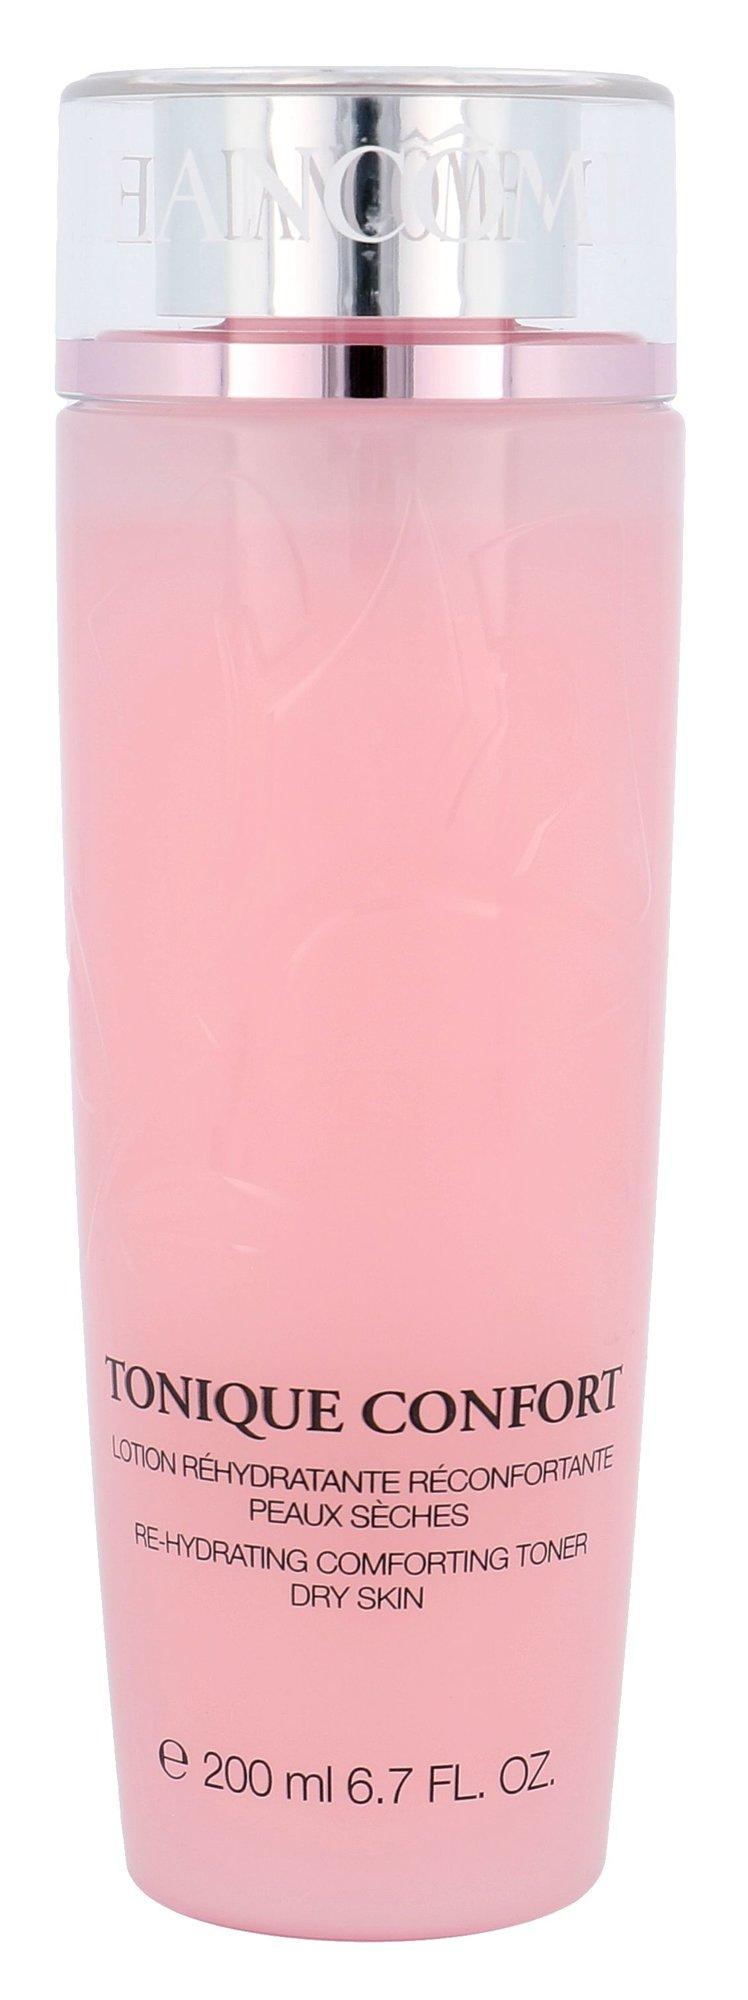 Lancôme Tonique Confort Cosmetic 200ml